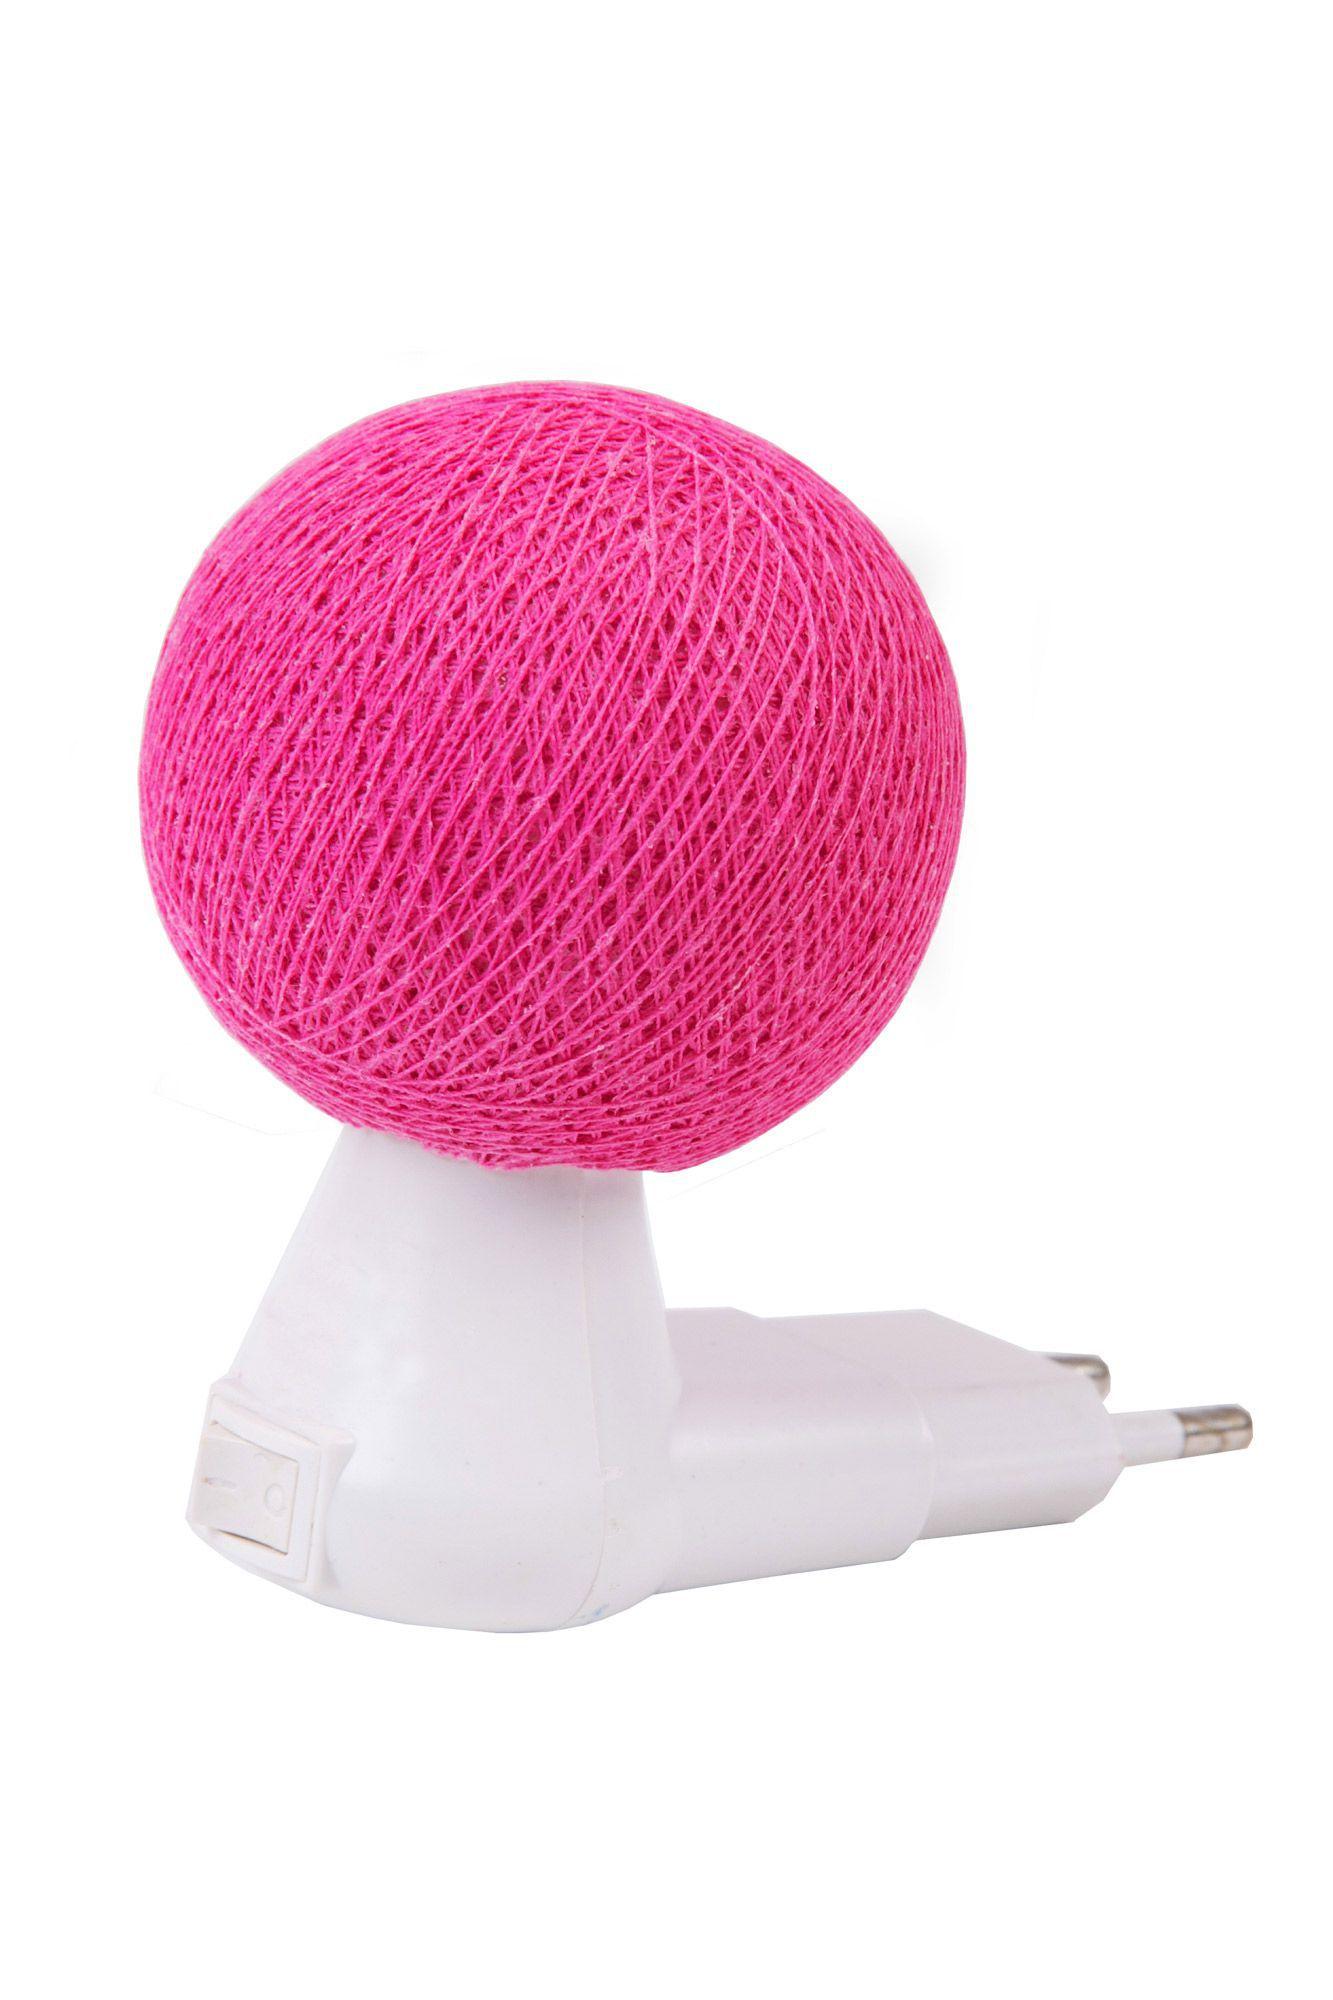 Luz noturna pink